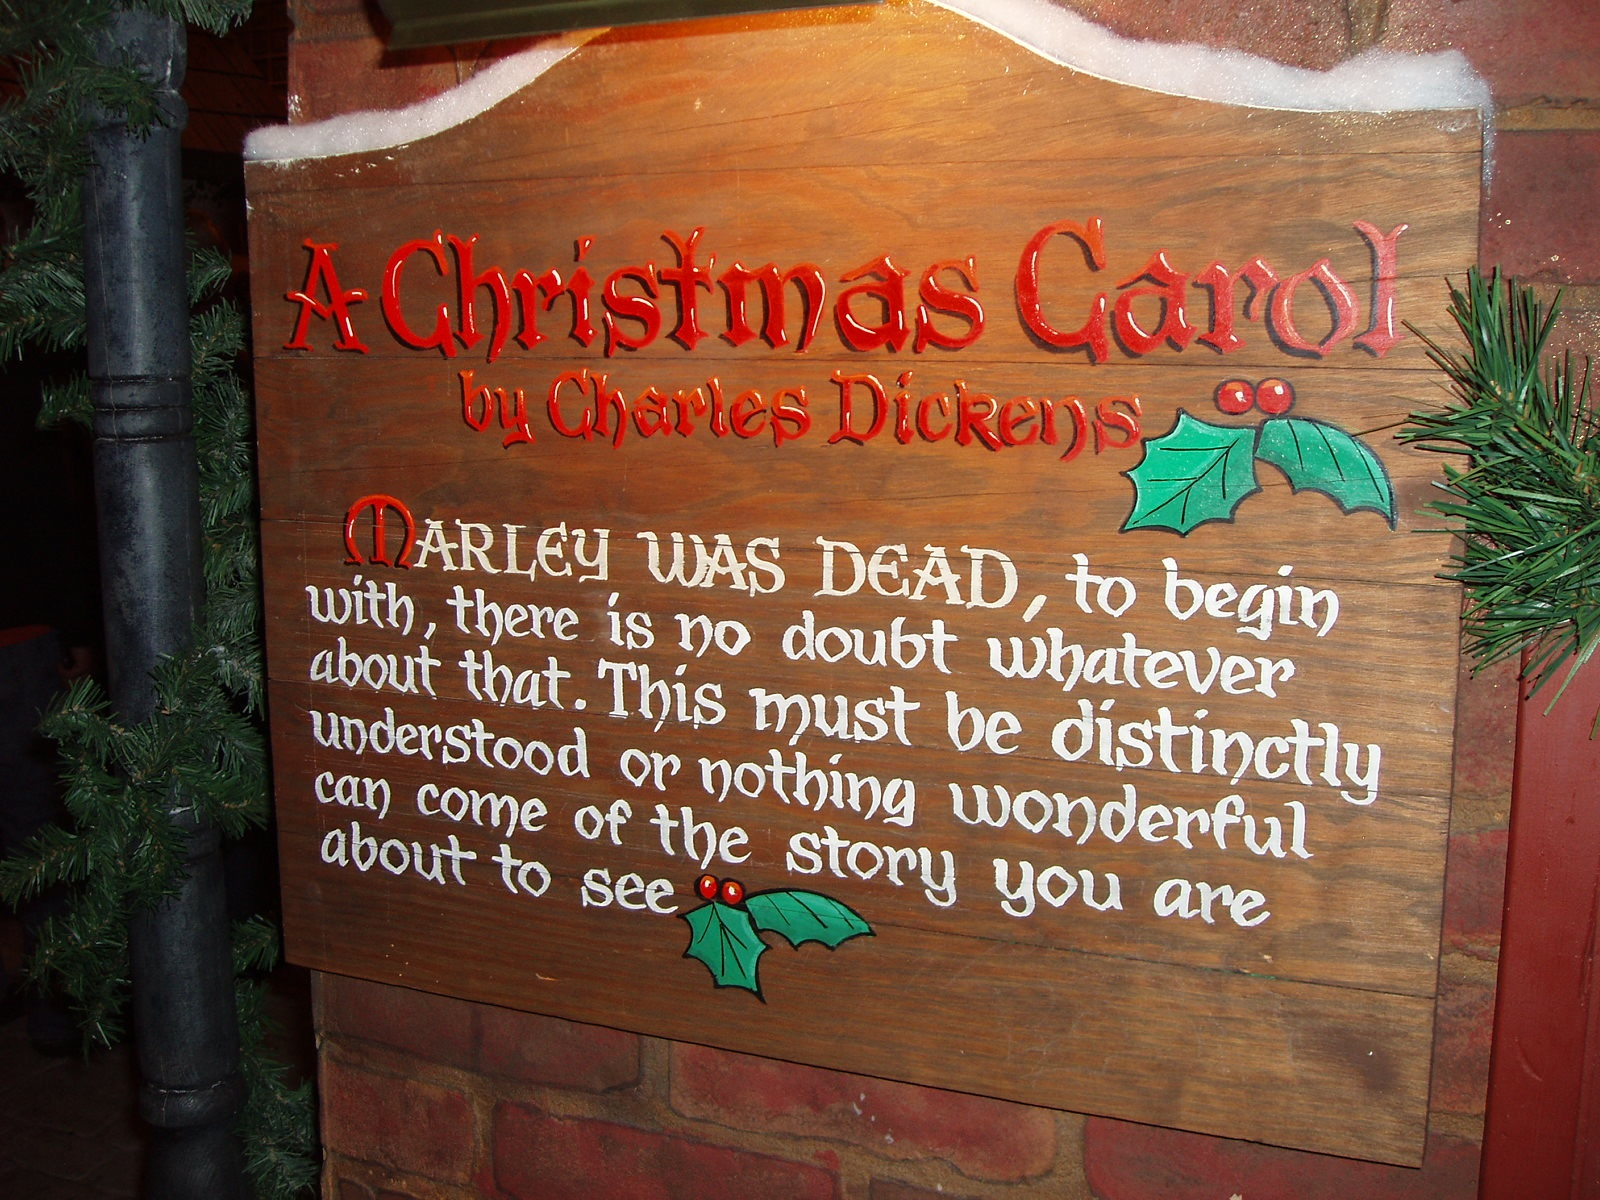 marley was dead to begin maura elizabeth cunningham even